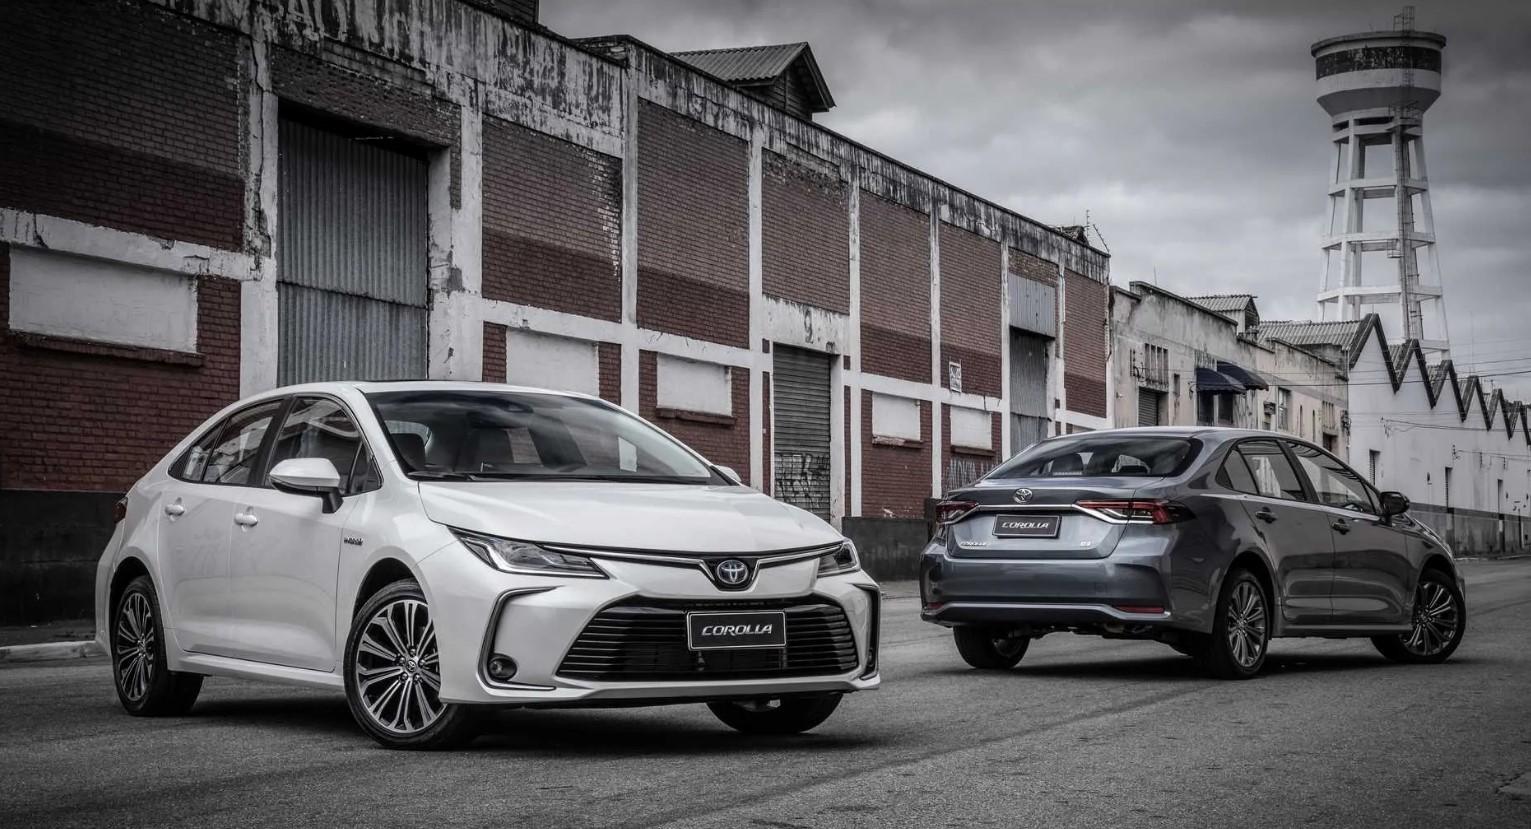 Foto Toyota supera Volkswagen como montadora líder global de vendas em 2020